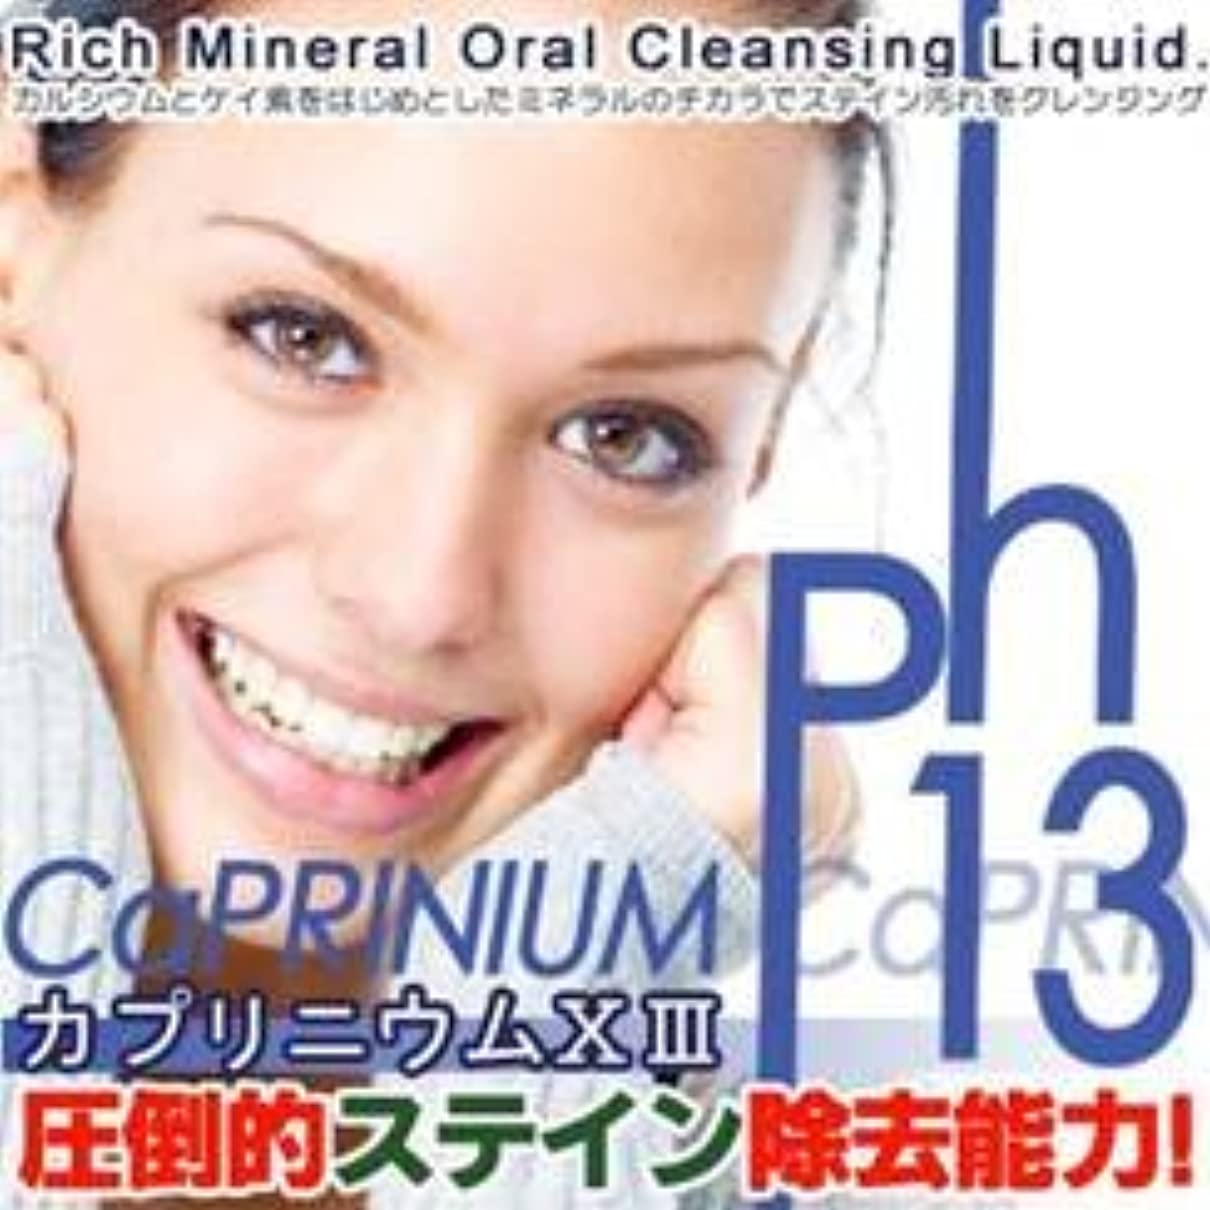 過ち振る舞い誰のカプリニウムサーティーンジェル1個入(10日分) 電動歯ブラシ対応歯磨きジェル